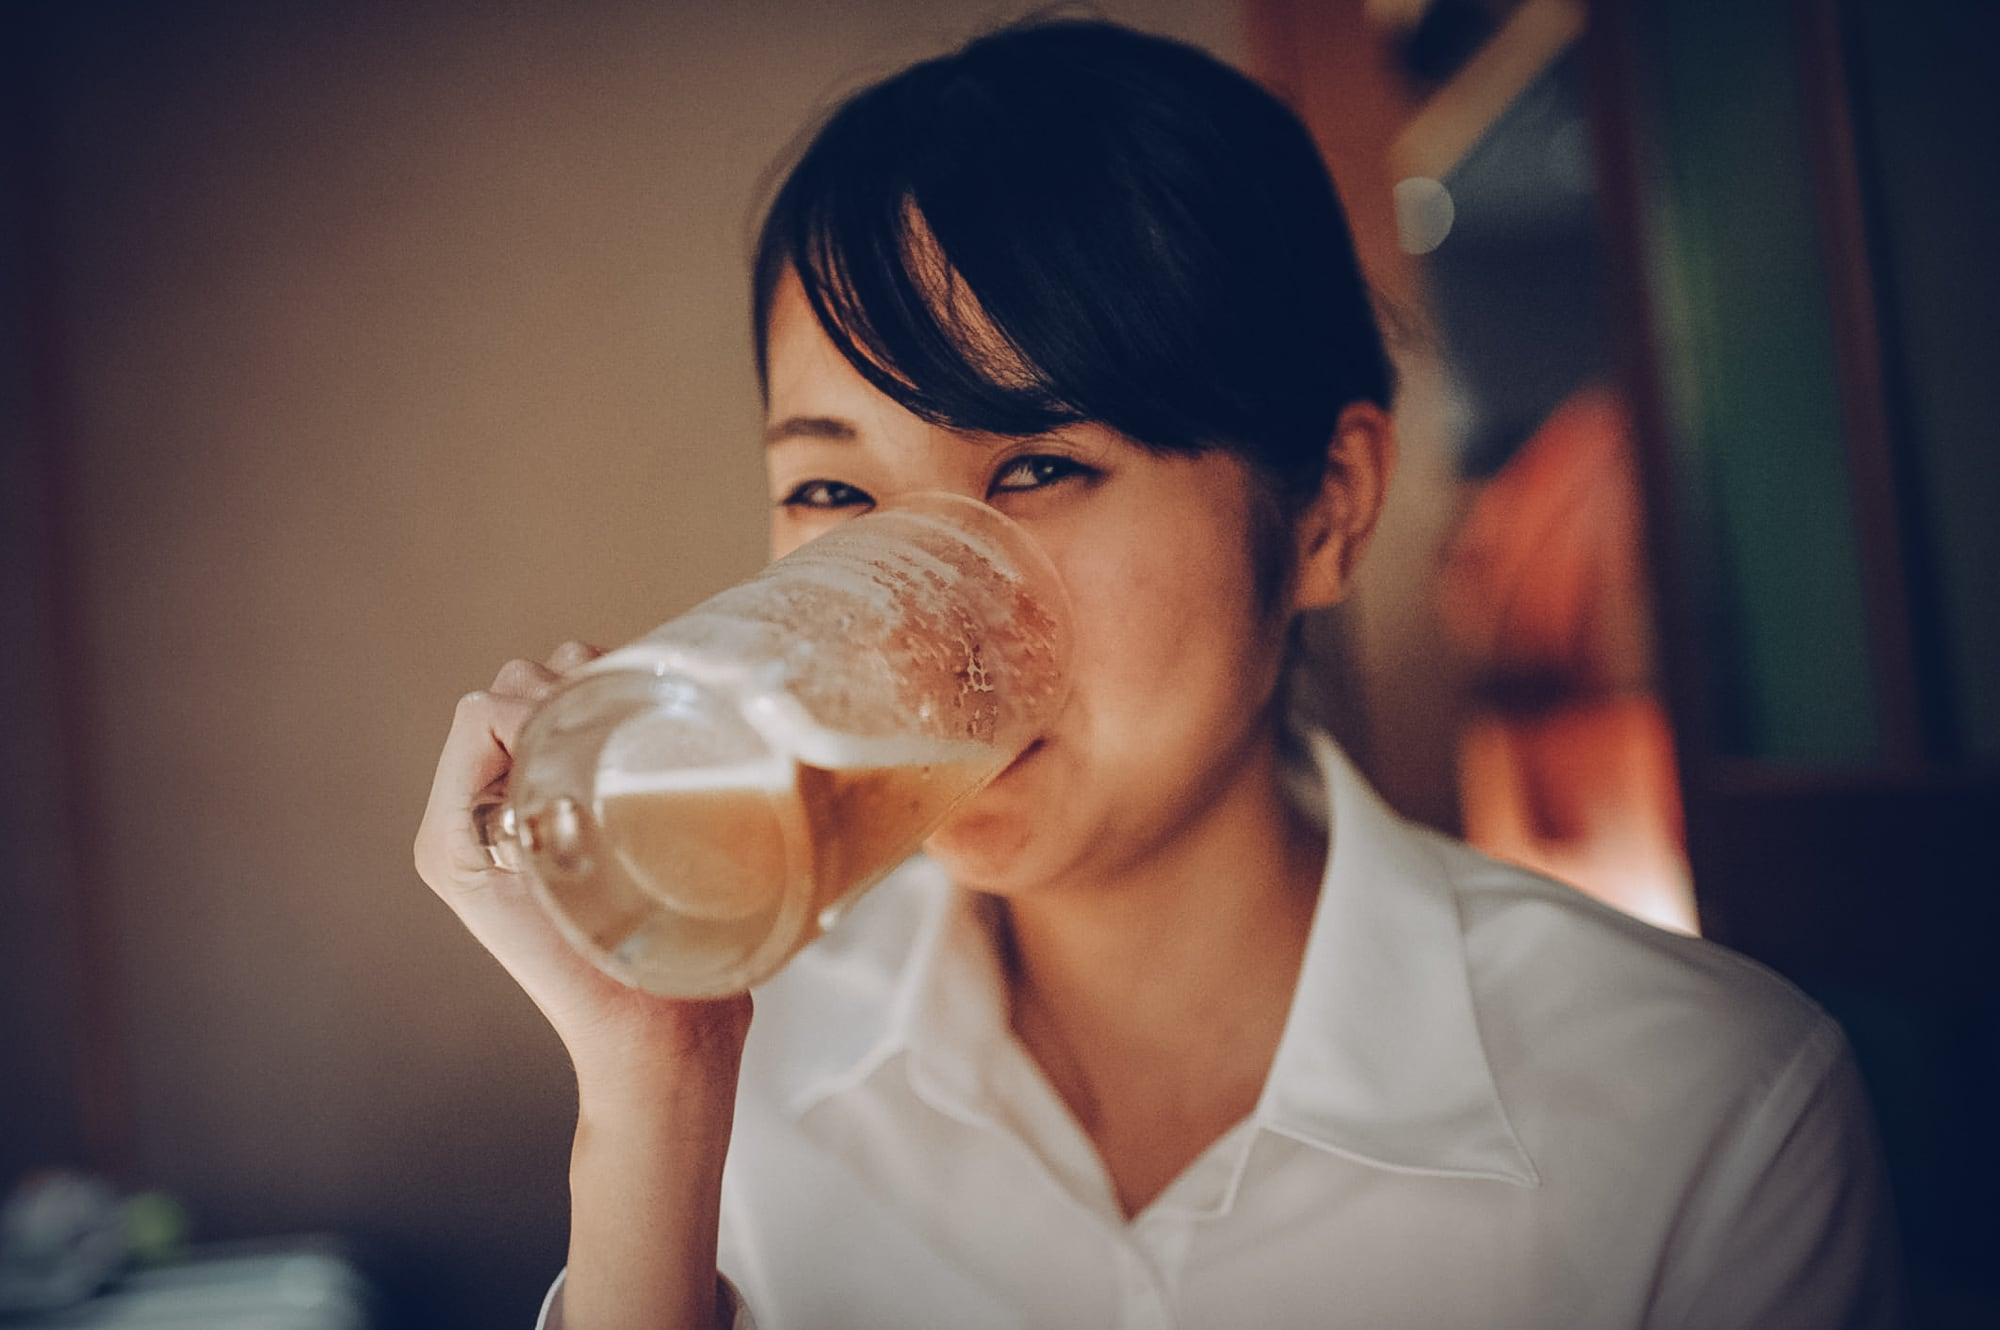 Đỏ mặt khi uống rượu bia: Nguyên nhân và cách xử lý từ Jio Health